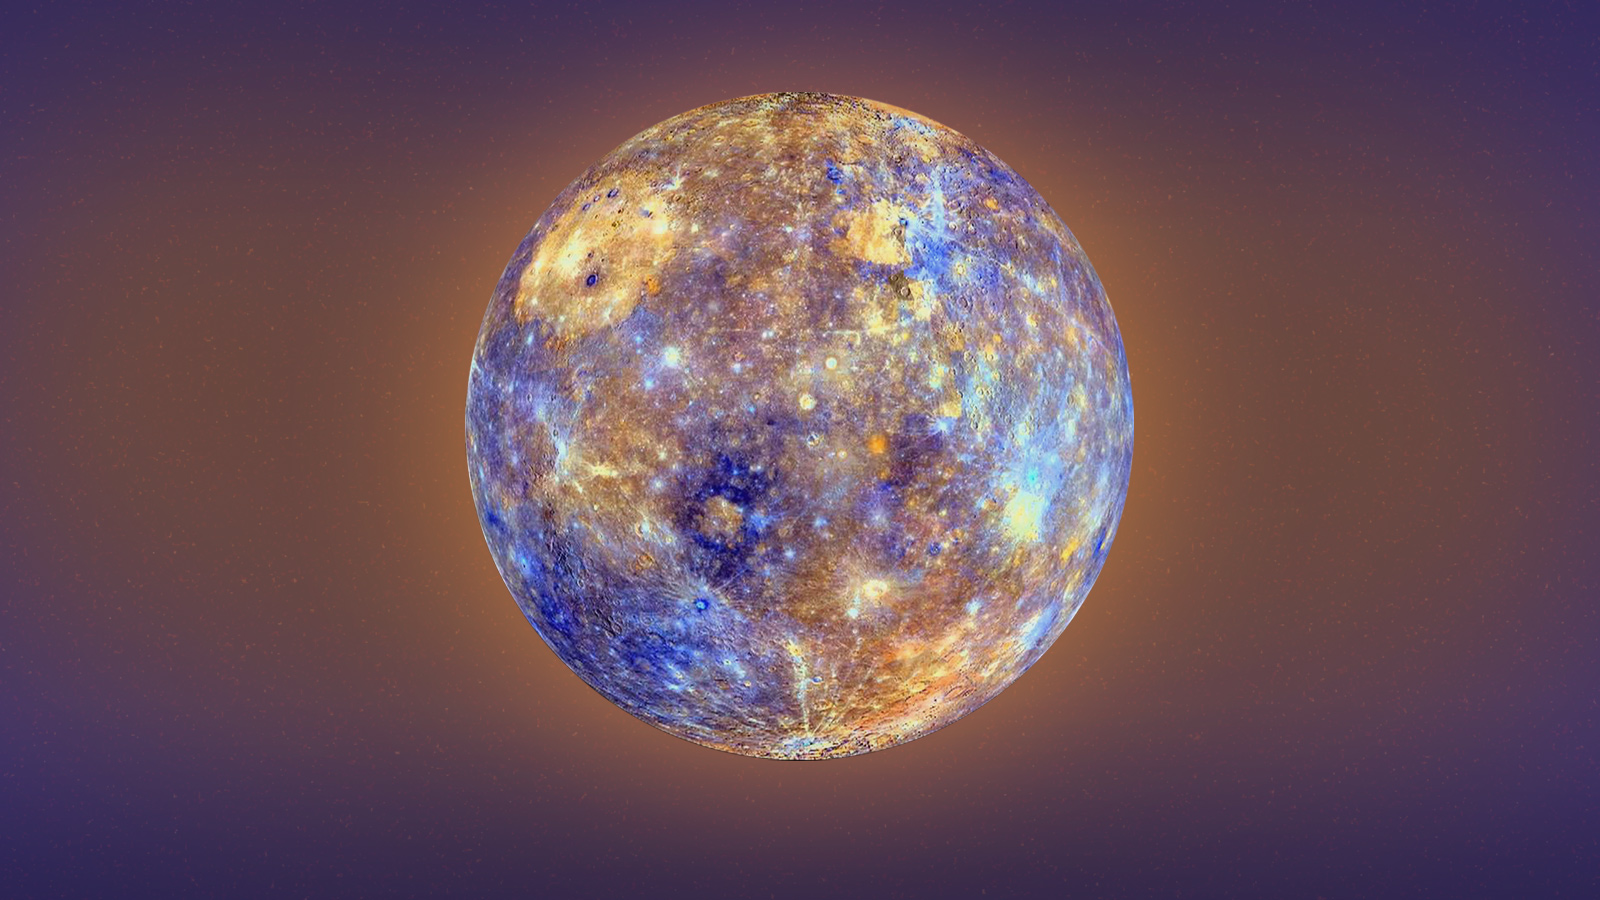 Изучение Меркурия - научный подвиг зонда MESSENGER